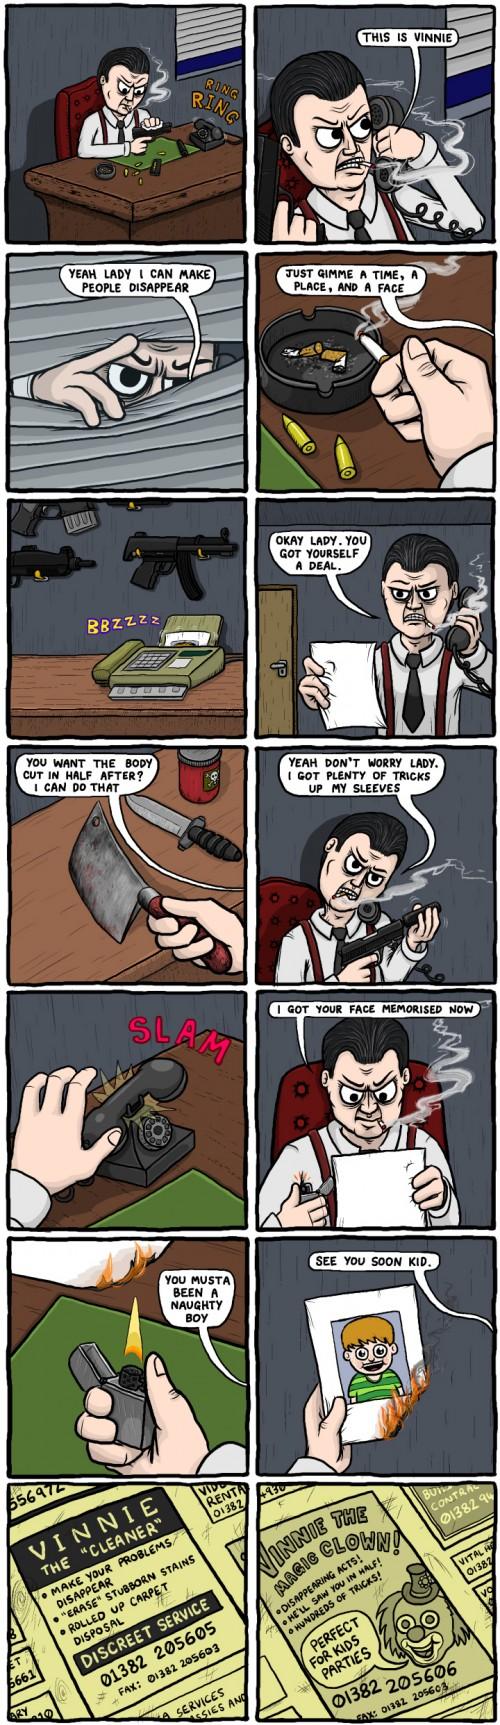 hornoxe.com_picdump272_023